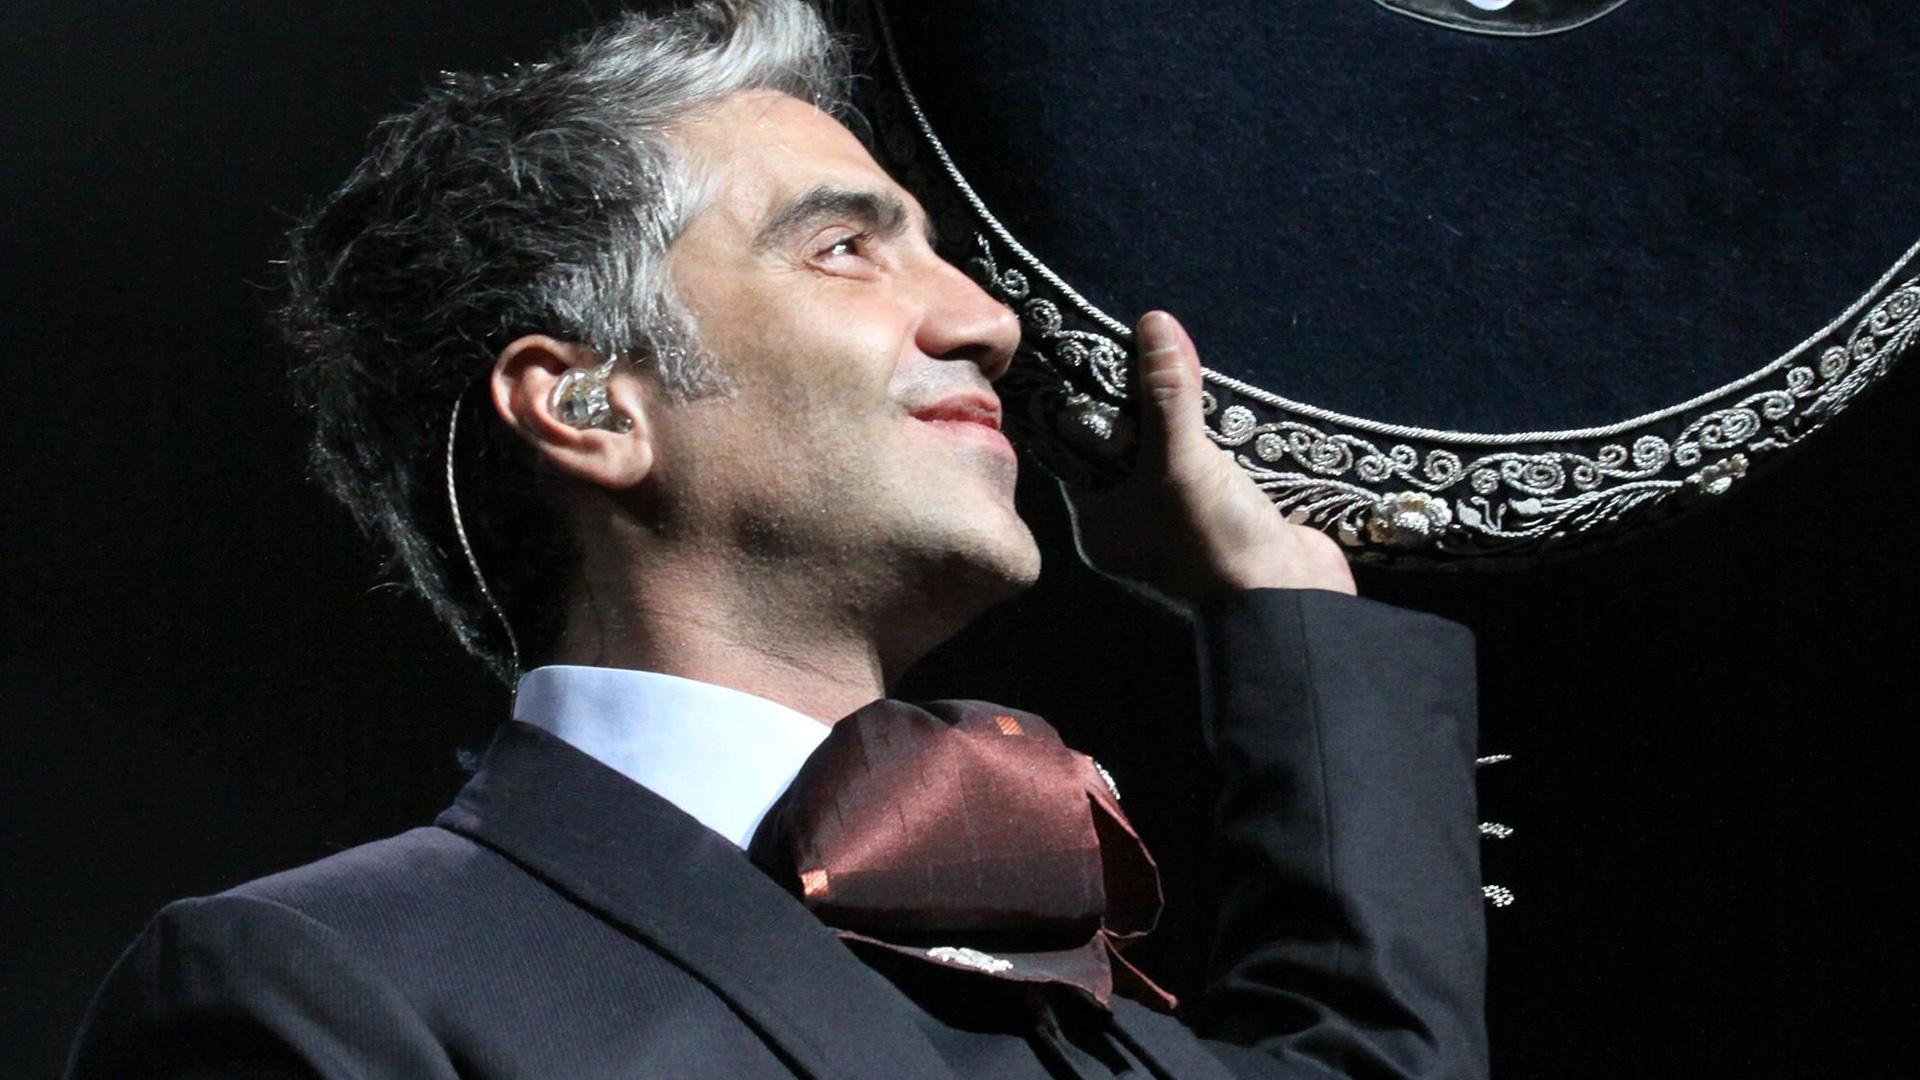 El concierto de Alejandro Fernández sigue, pospone Arjona, Yaroide y Festival del Merengue